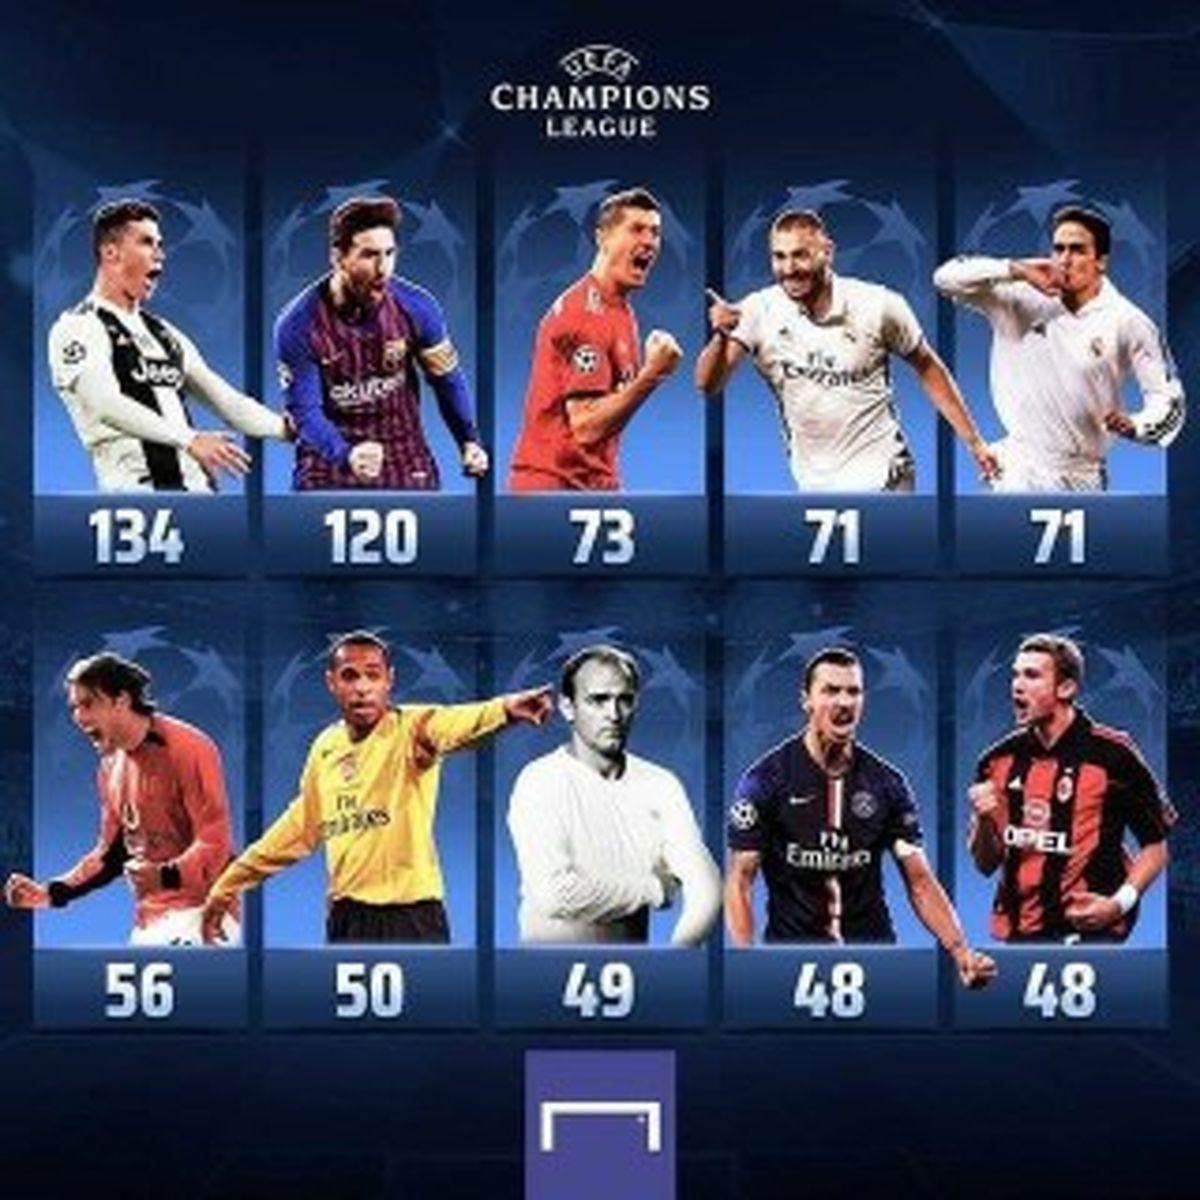 پوستر برترین گلزنان تاریخ لیگ قهرمانان اروپا